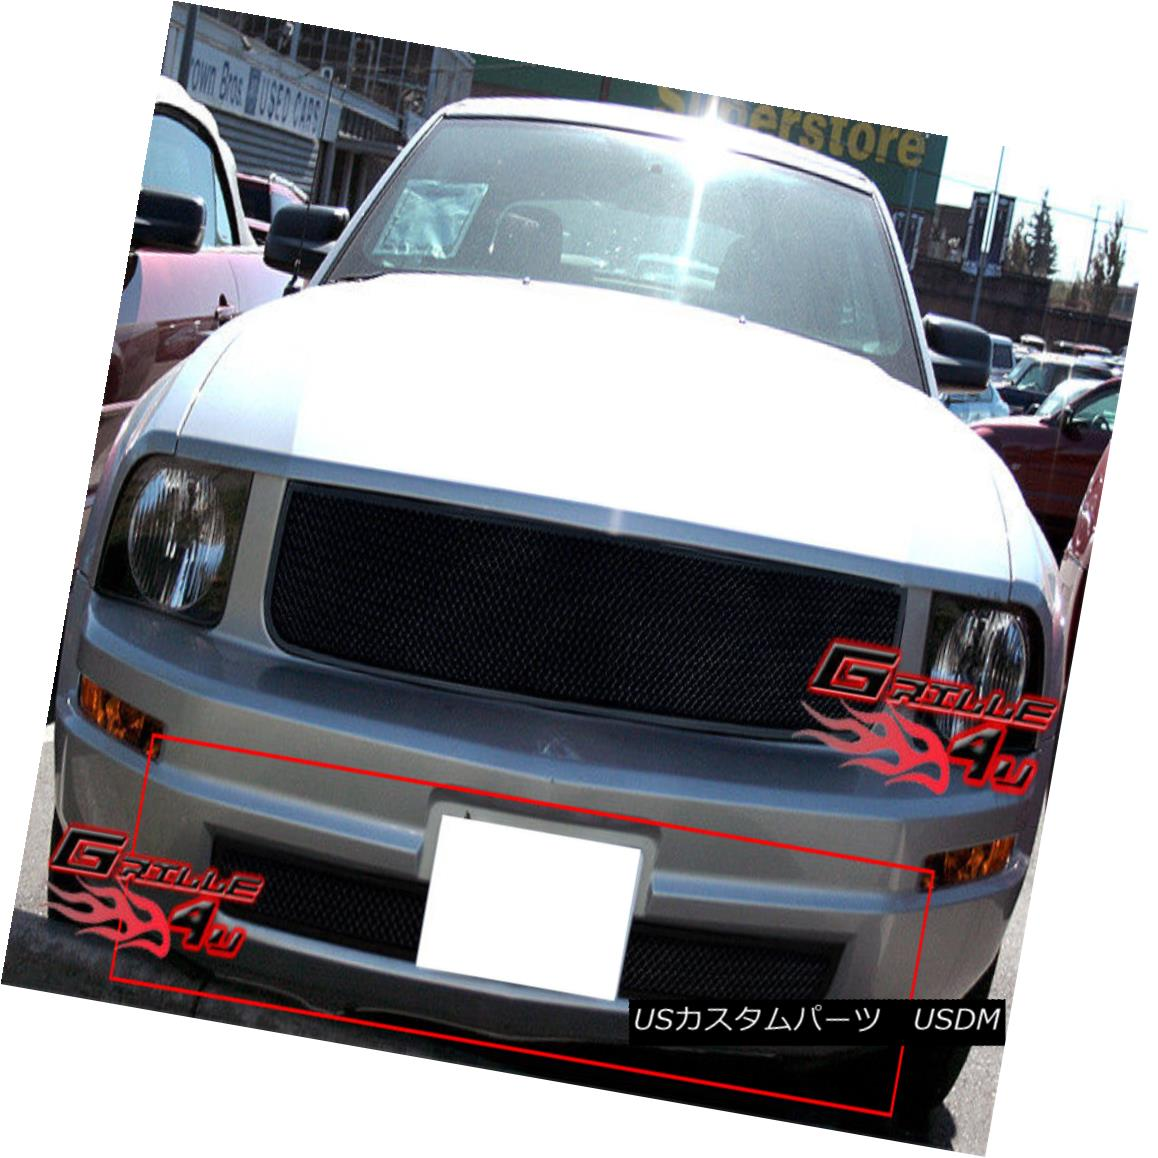 グリル Fits 05-09 Ford Mustang V6 Lower Bumper Black Mesh Grille Insert フィット05-09フォードマスタングV6ロワーバンパーブラックメッシュグリルインサート